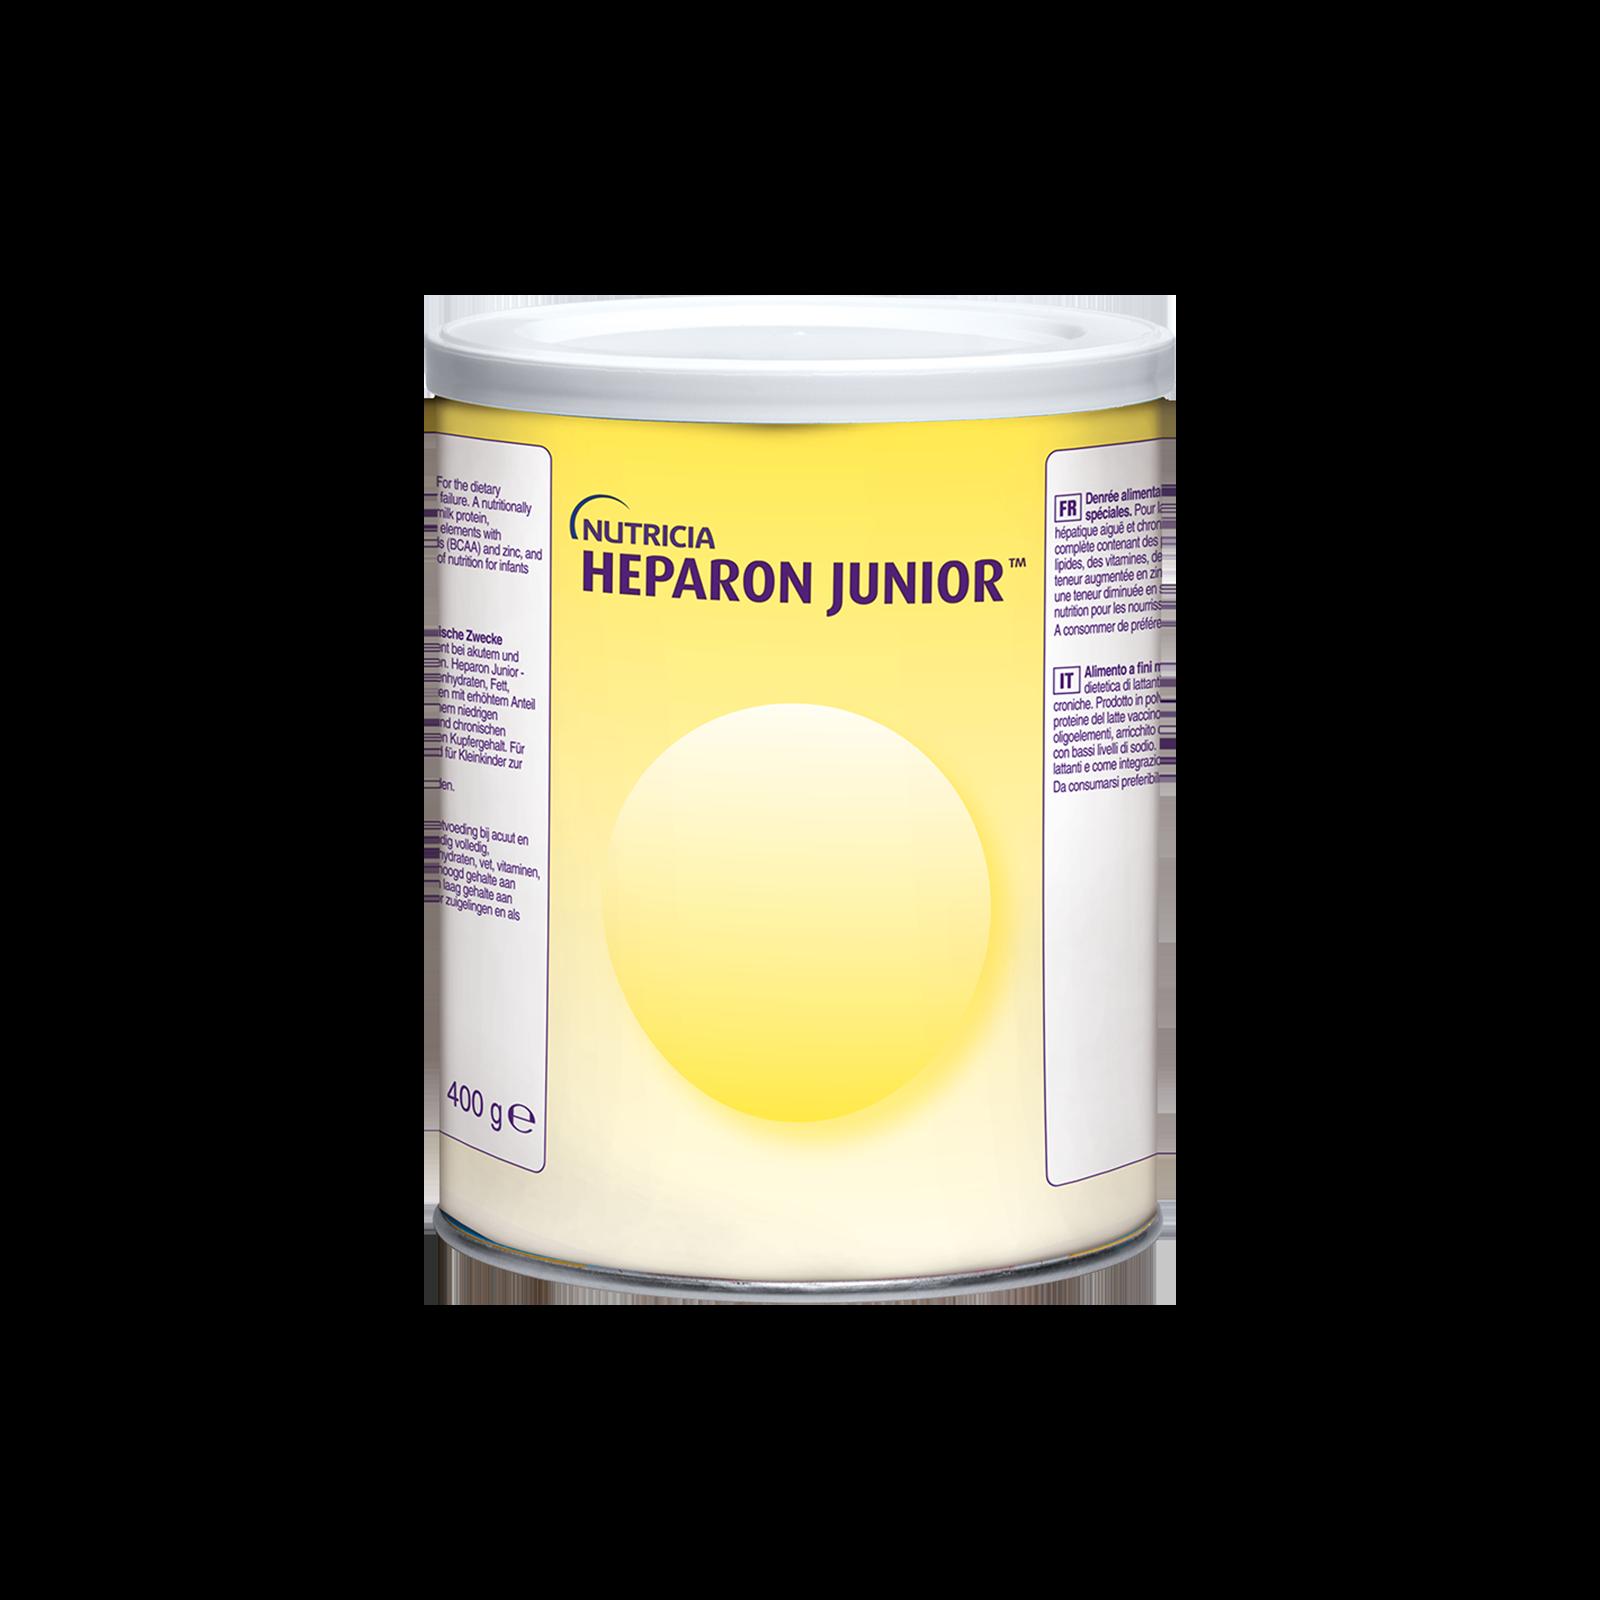 Heparon Junior 1 barattolo da 400 g | Nutricia